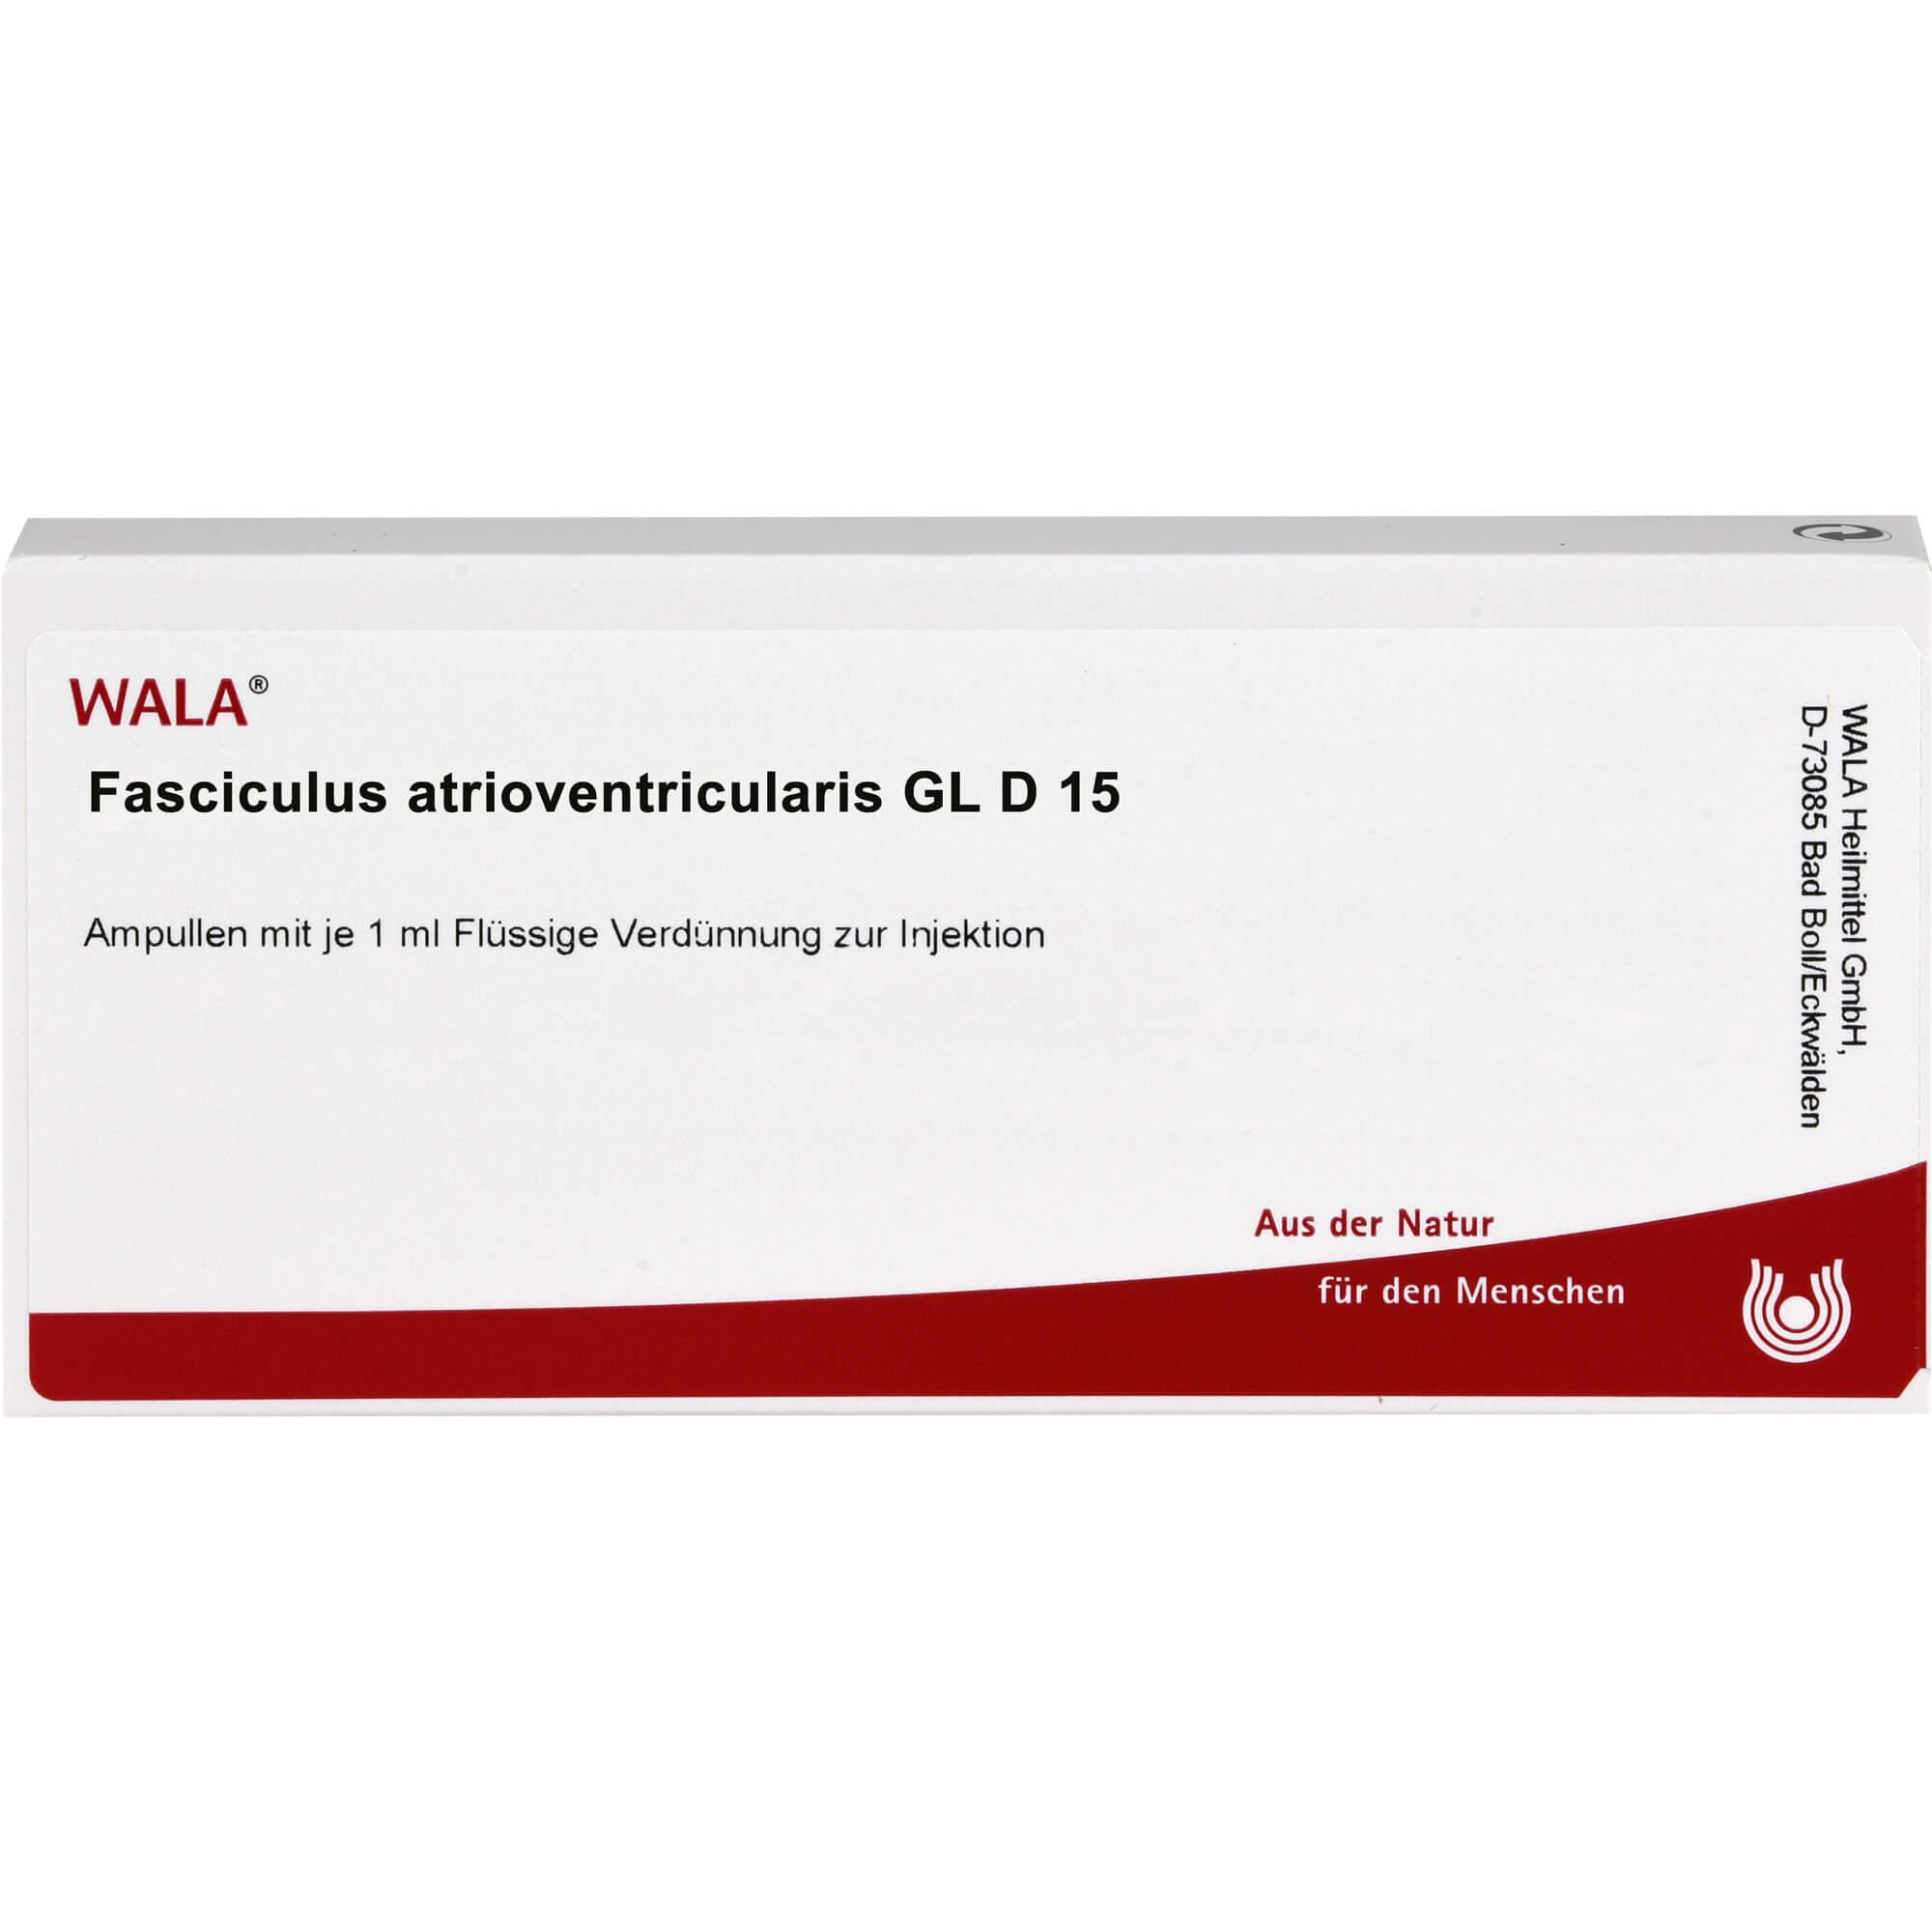 FASCICULUS atrioventricularis GL D 15 Ampullen